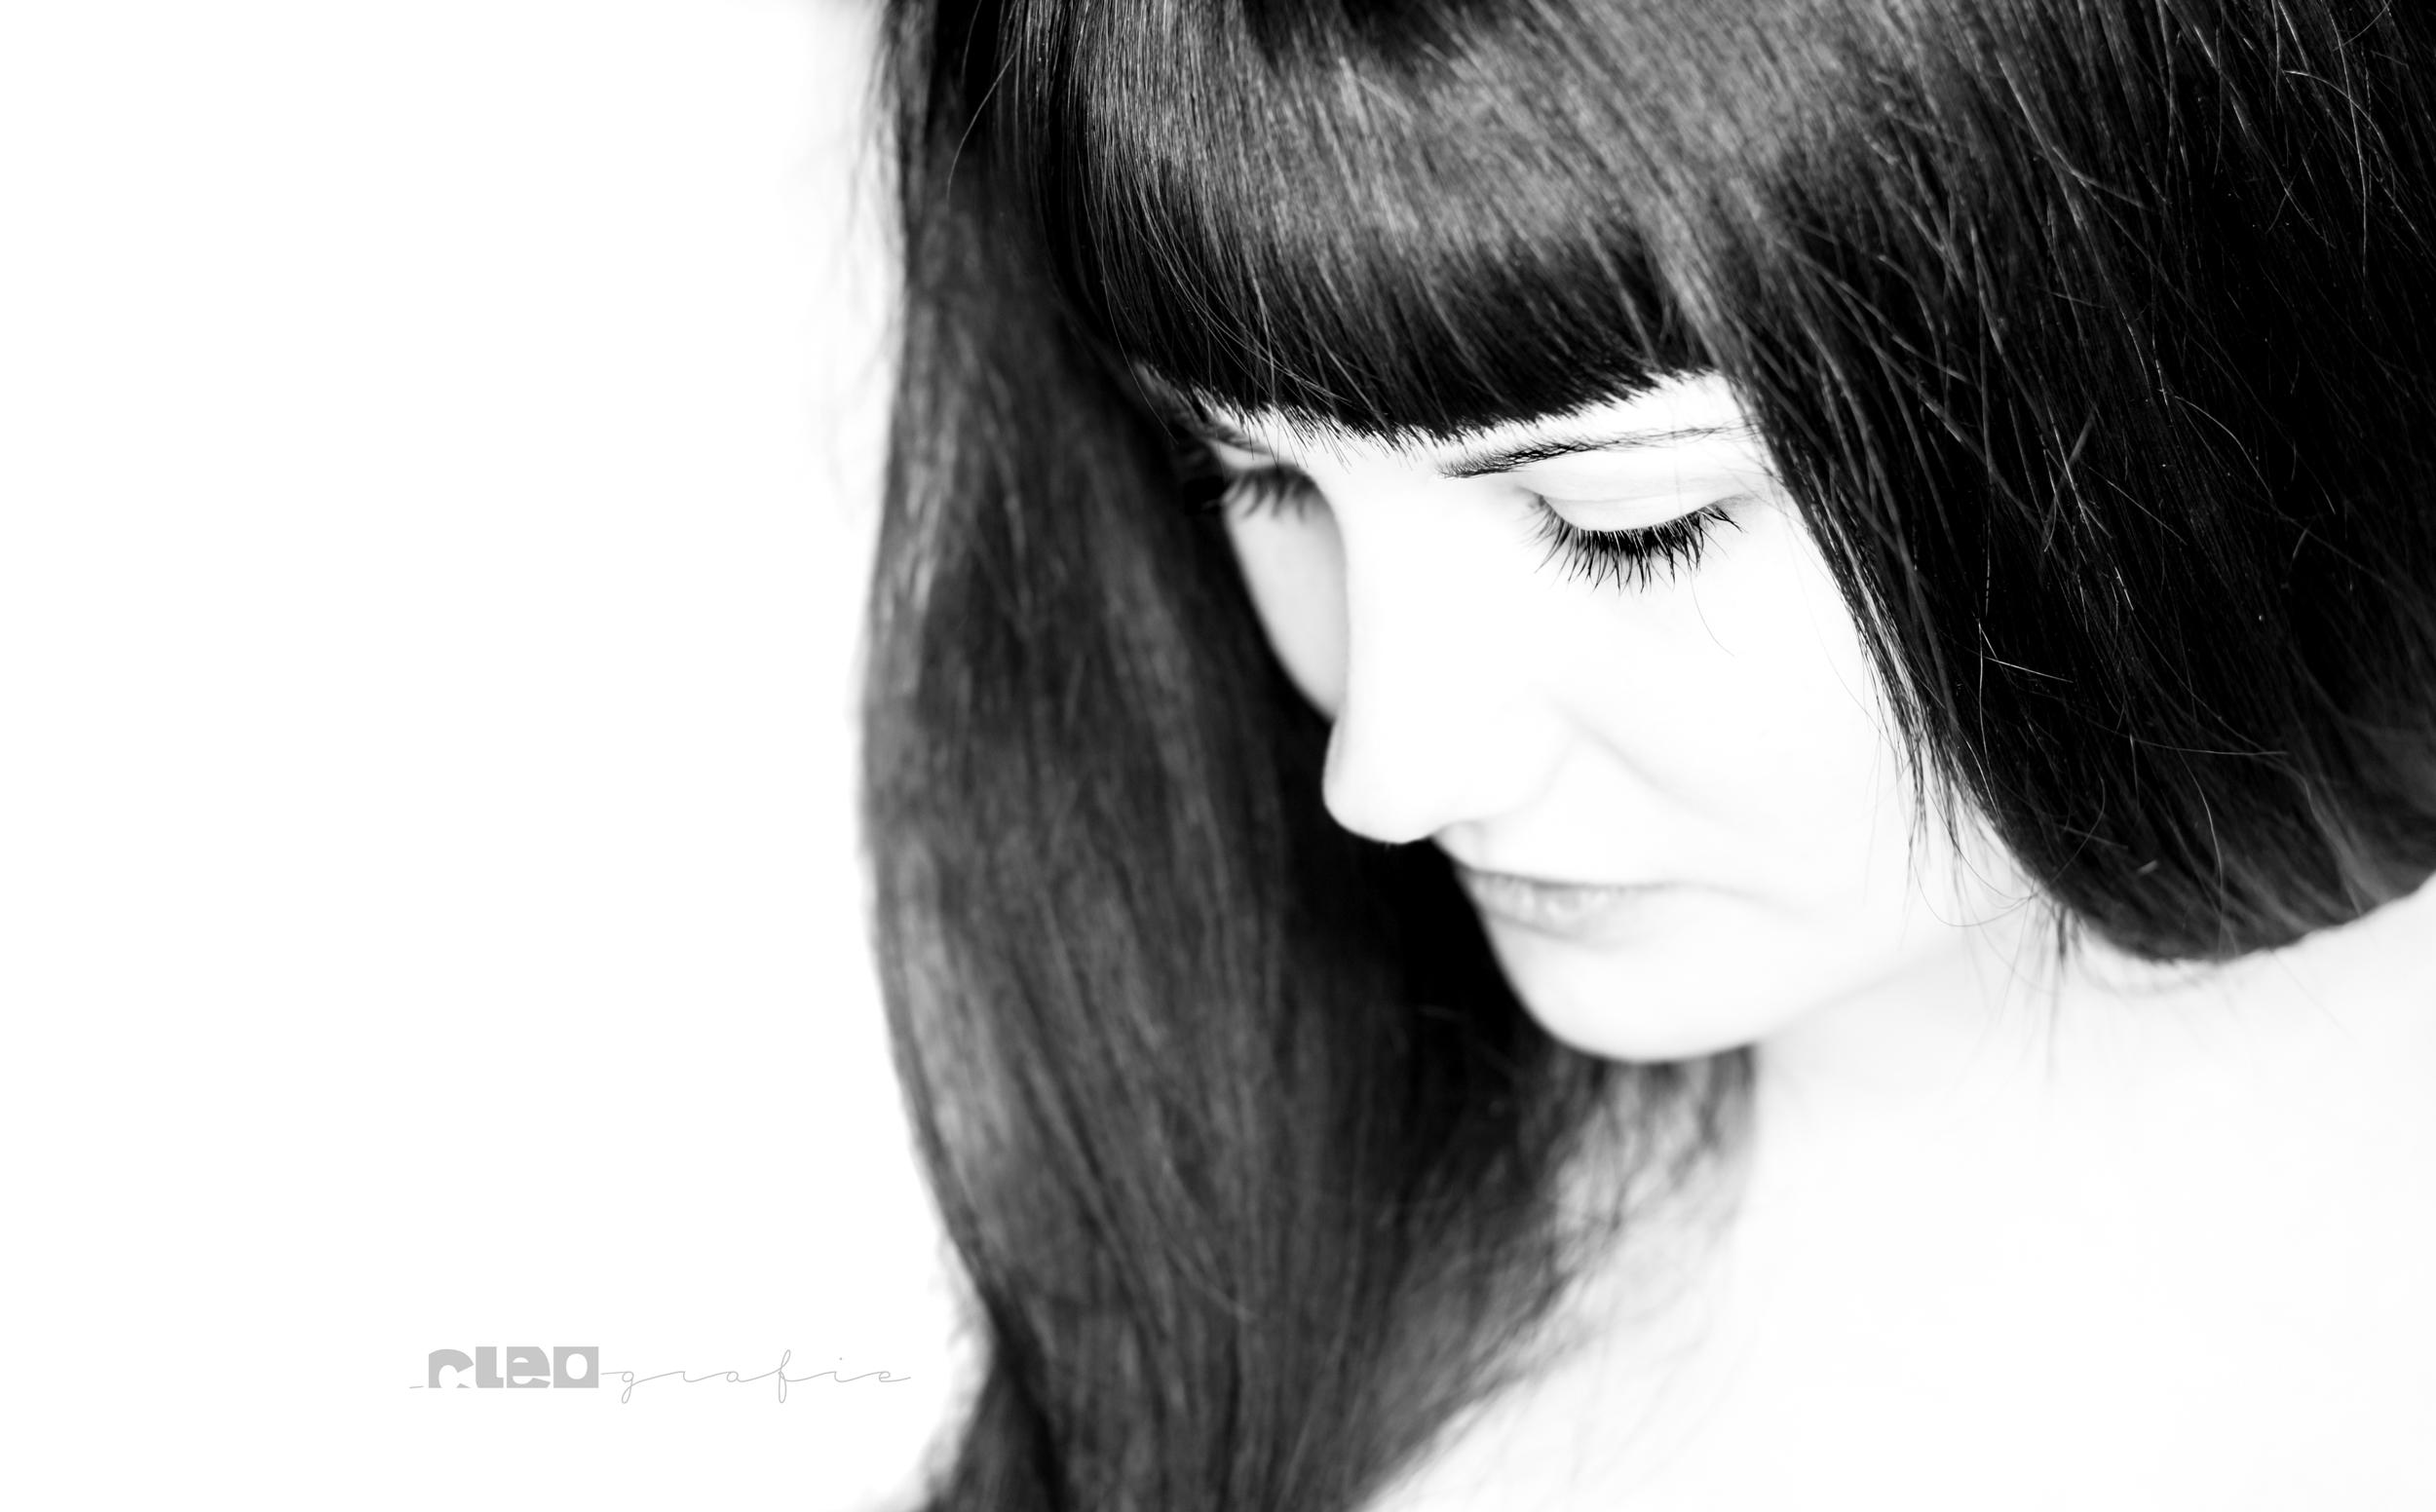 Frauenfotografie_steffi_cleo3